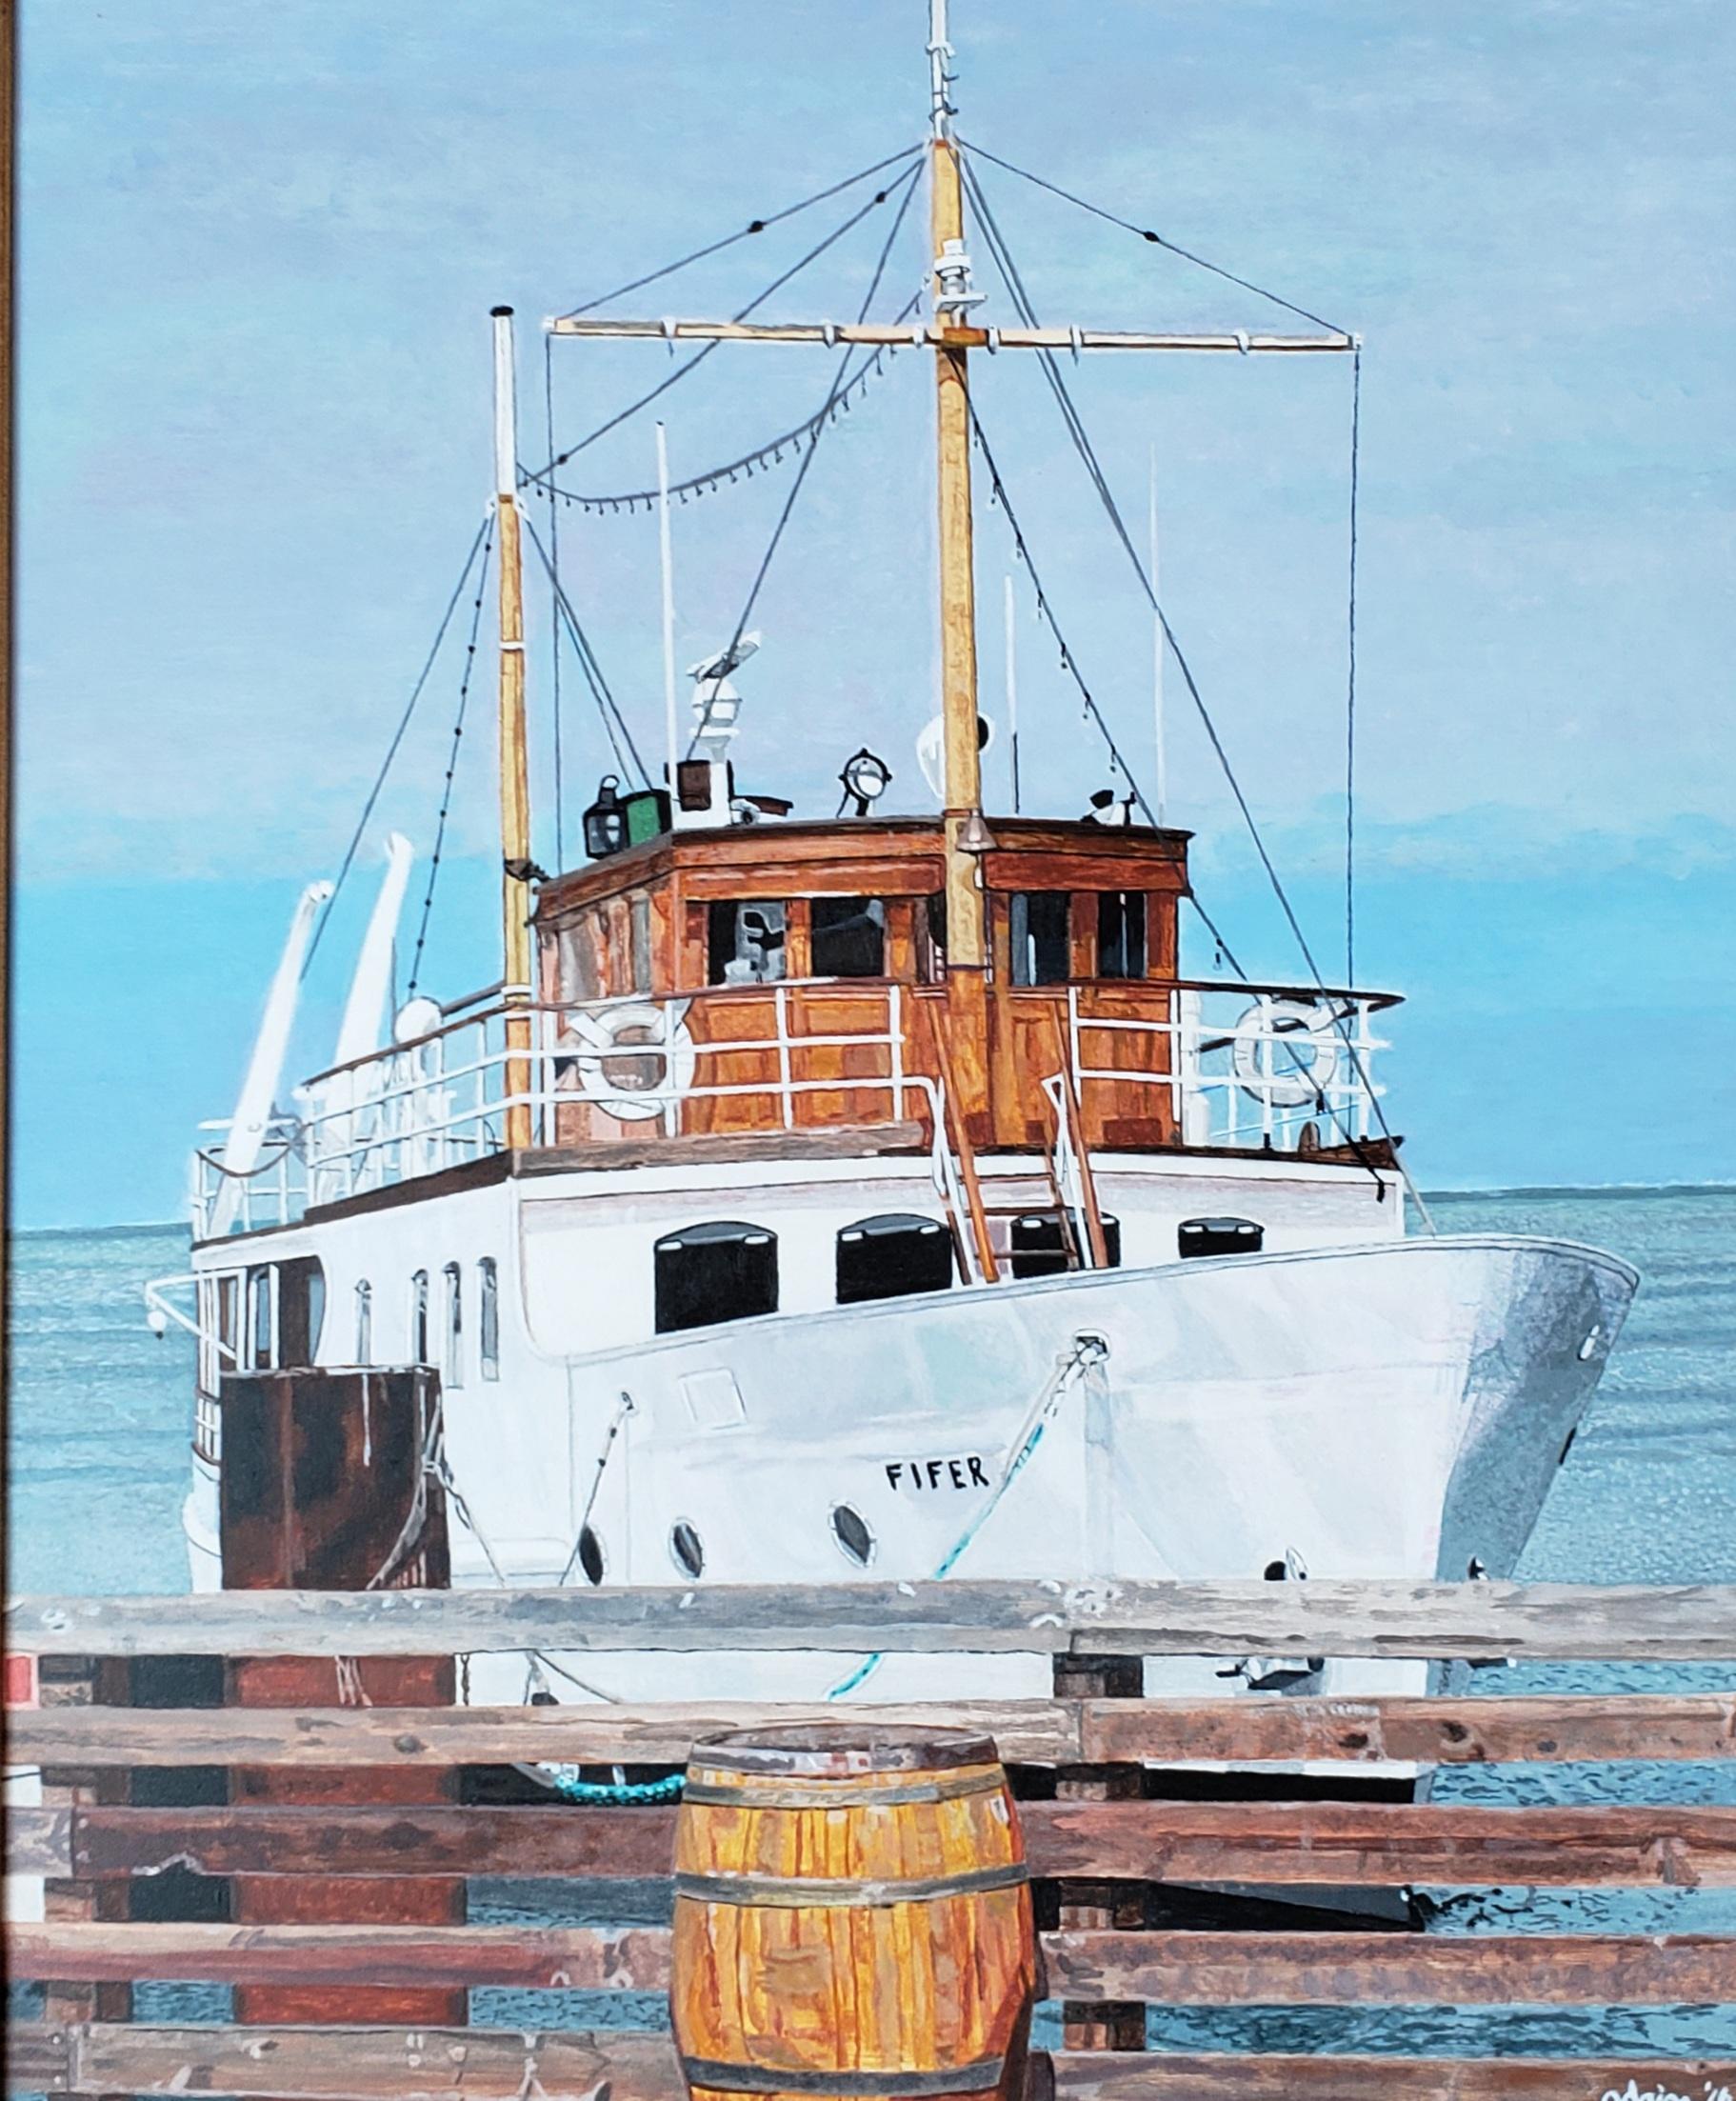 Fifer Yacht